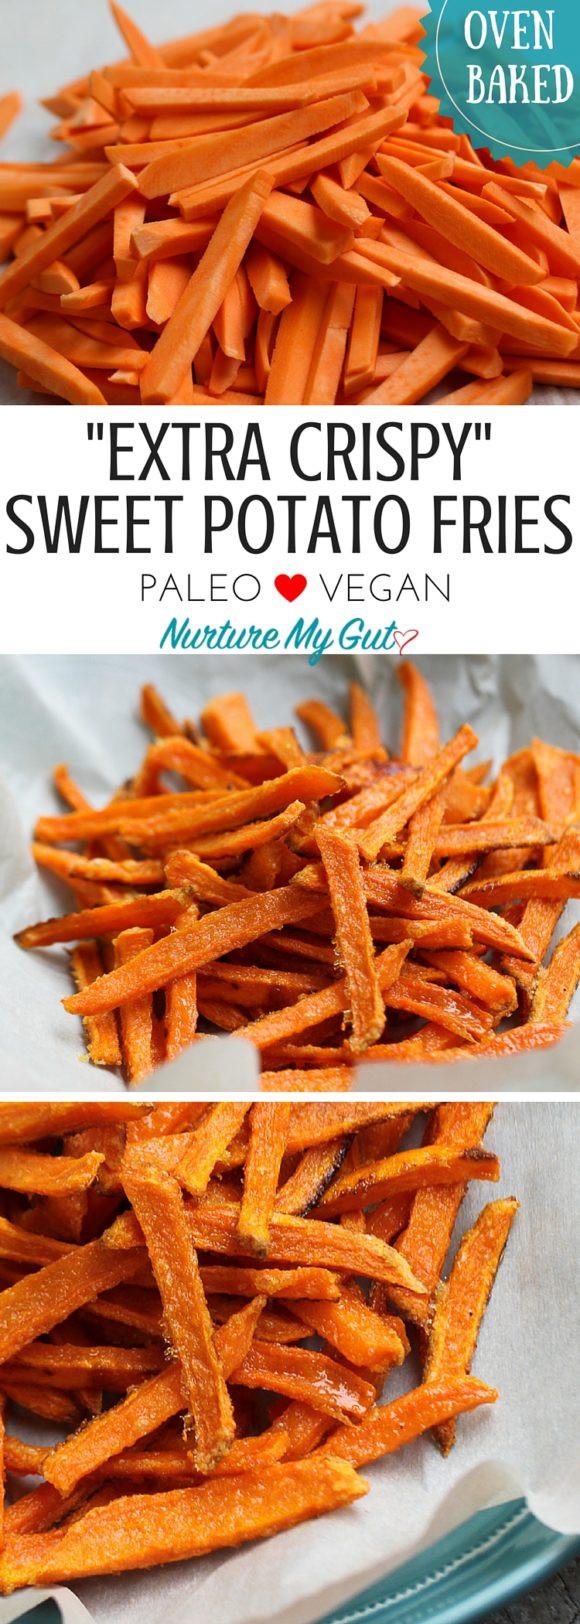 Crispy Baked Sweet Potato Fries  Crispy Oven Baked Sweet Potato Fries